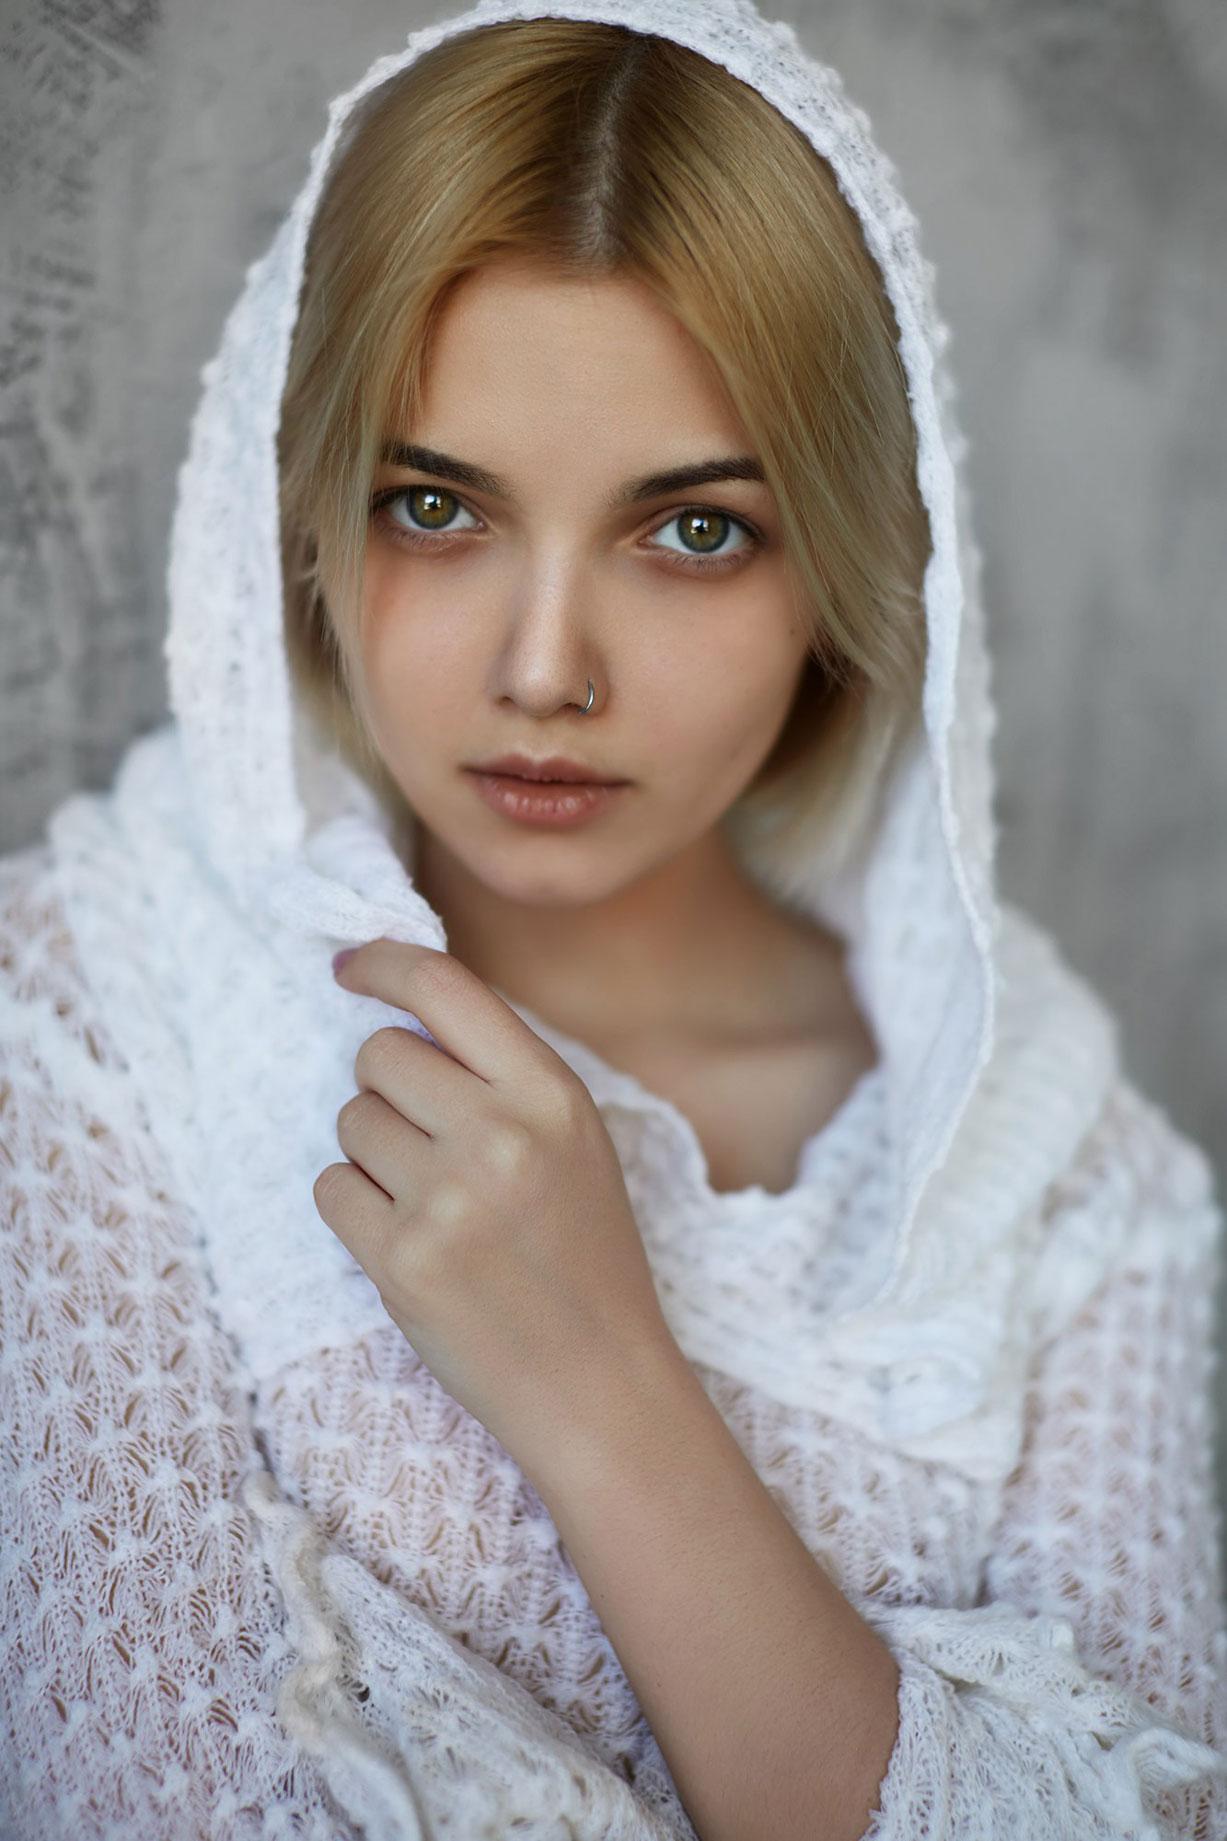 Victoria Sokolova by Dmitriy Lobanov